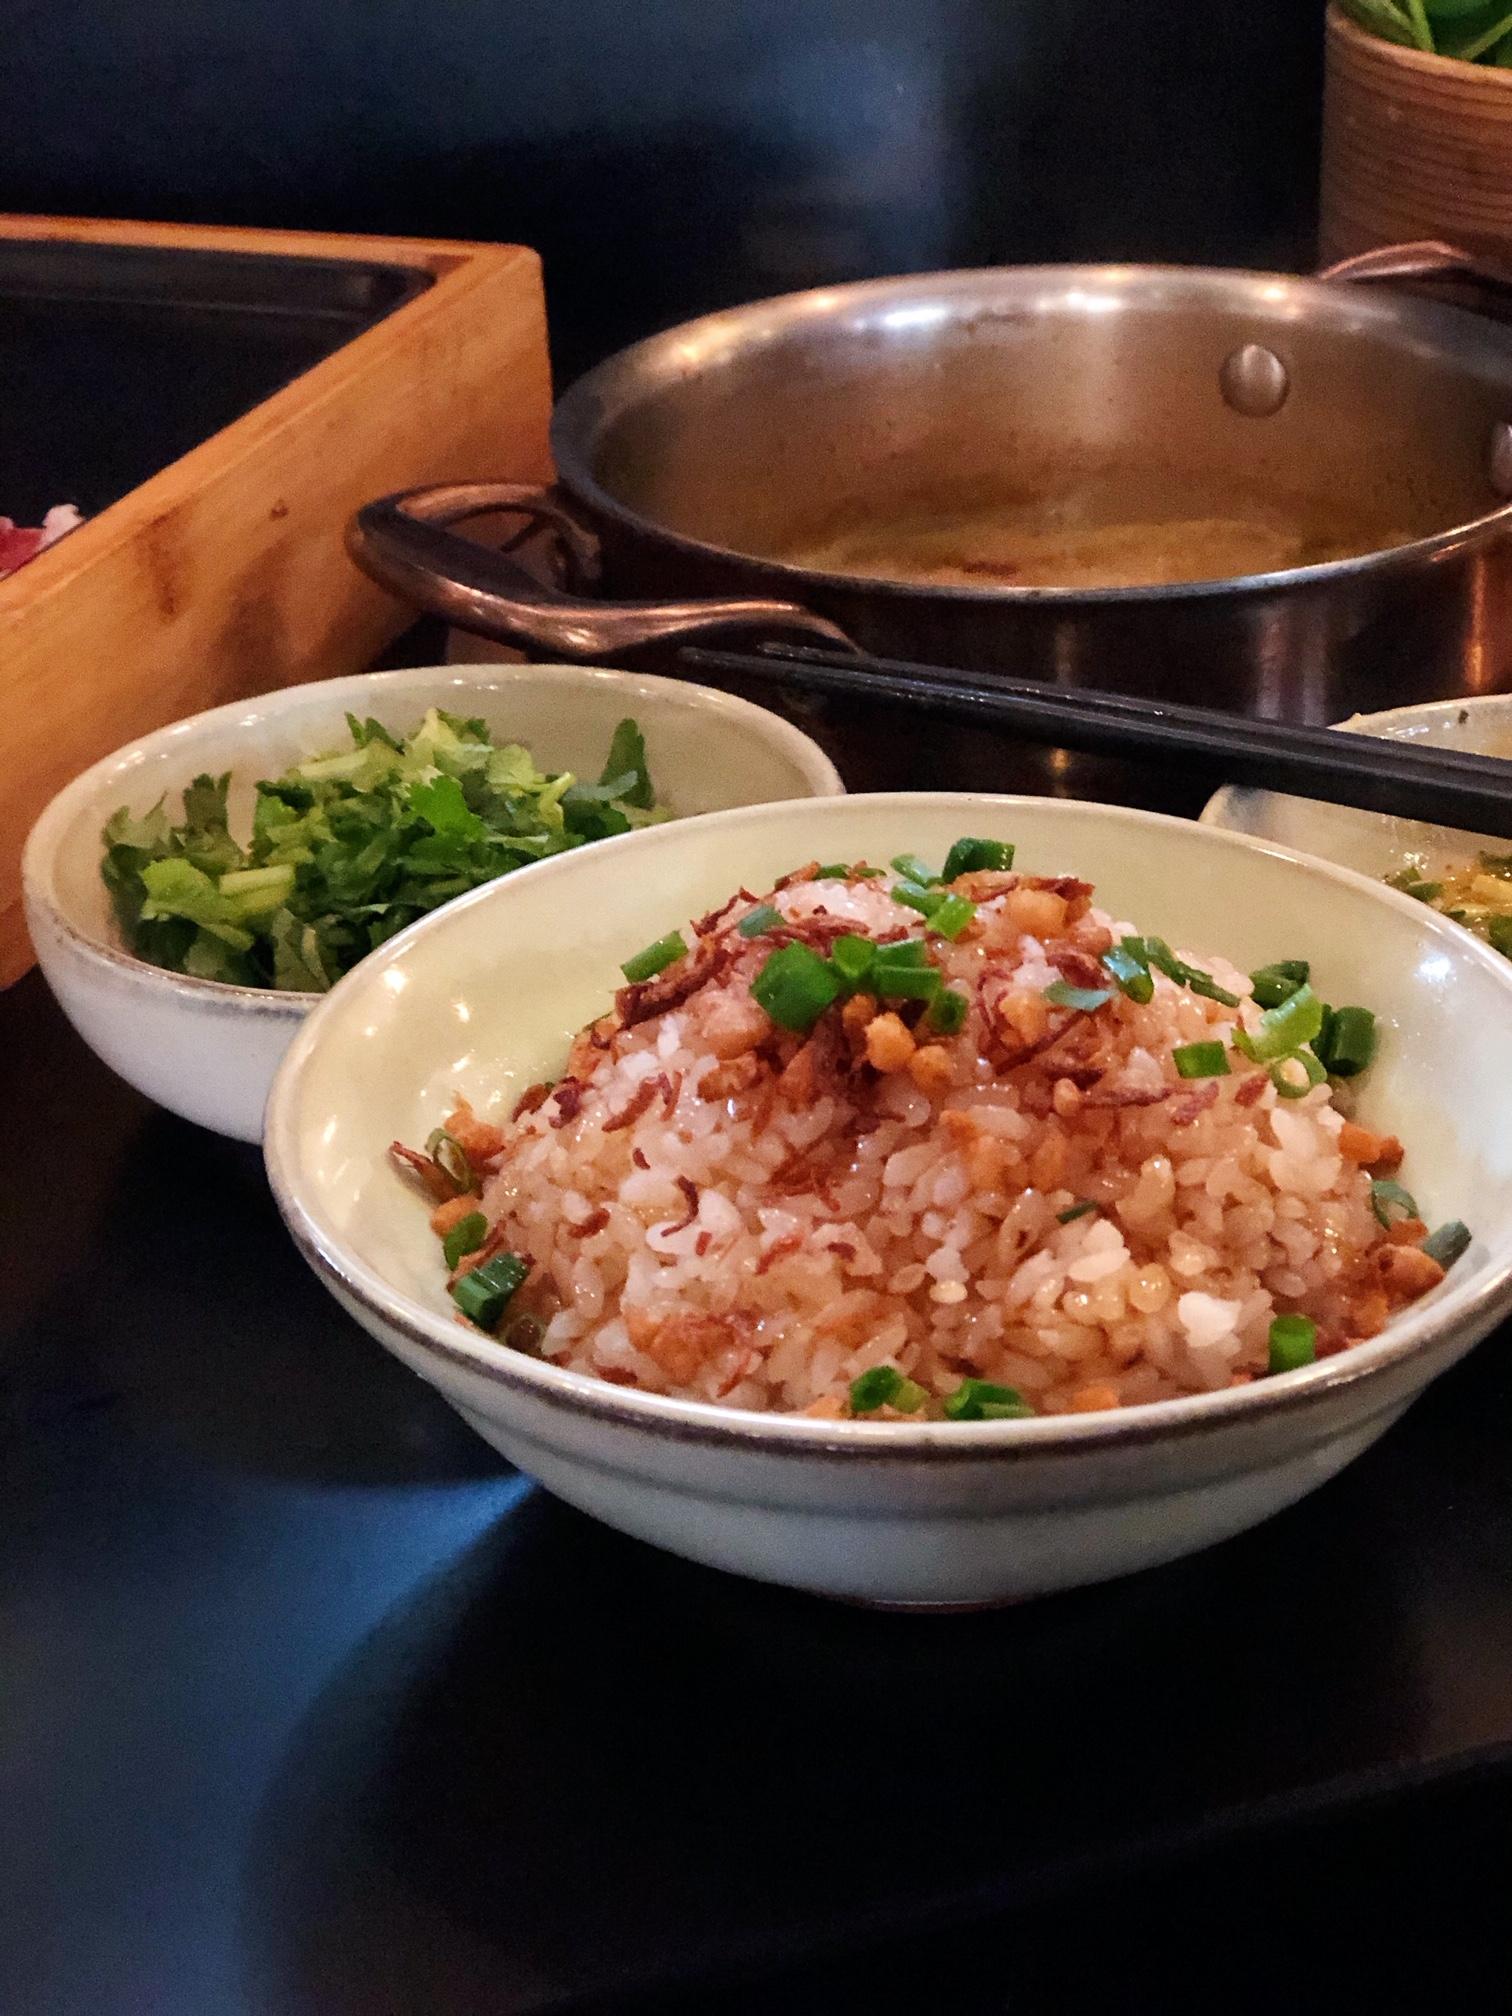 上海・猪油(ラード)がかかった香ばしいご飯